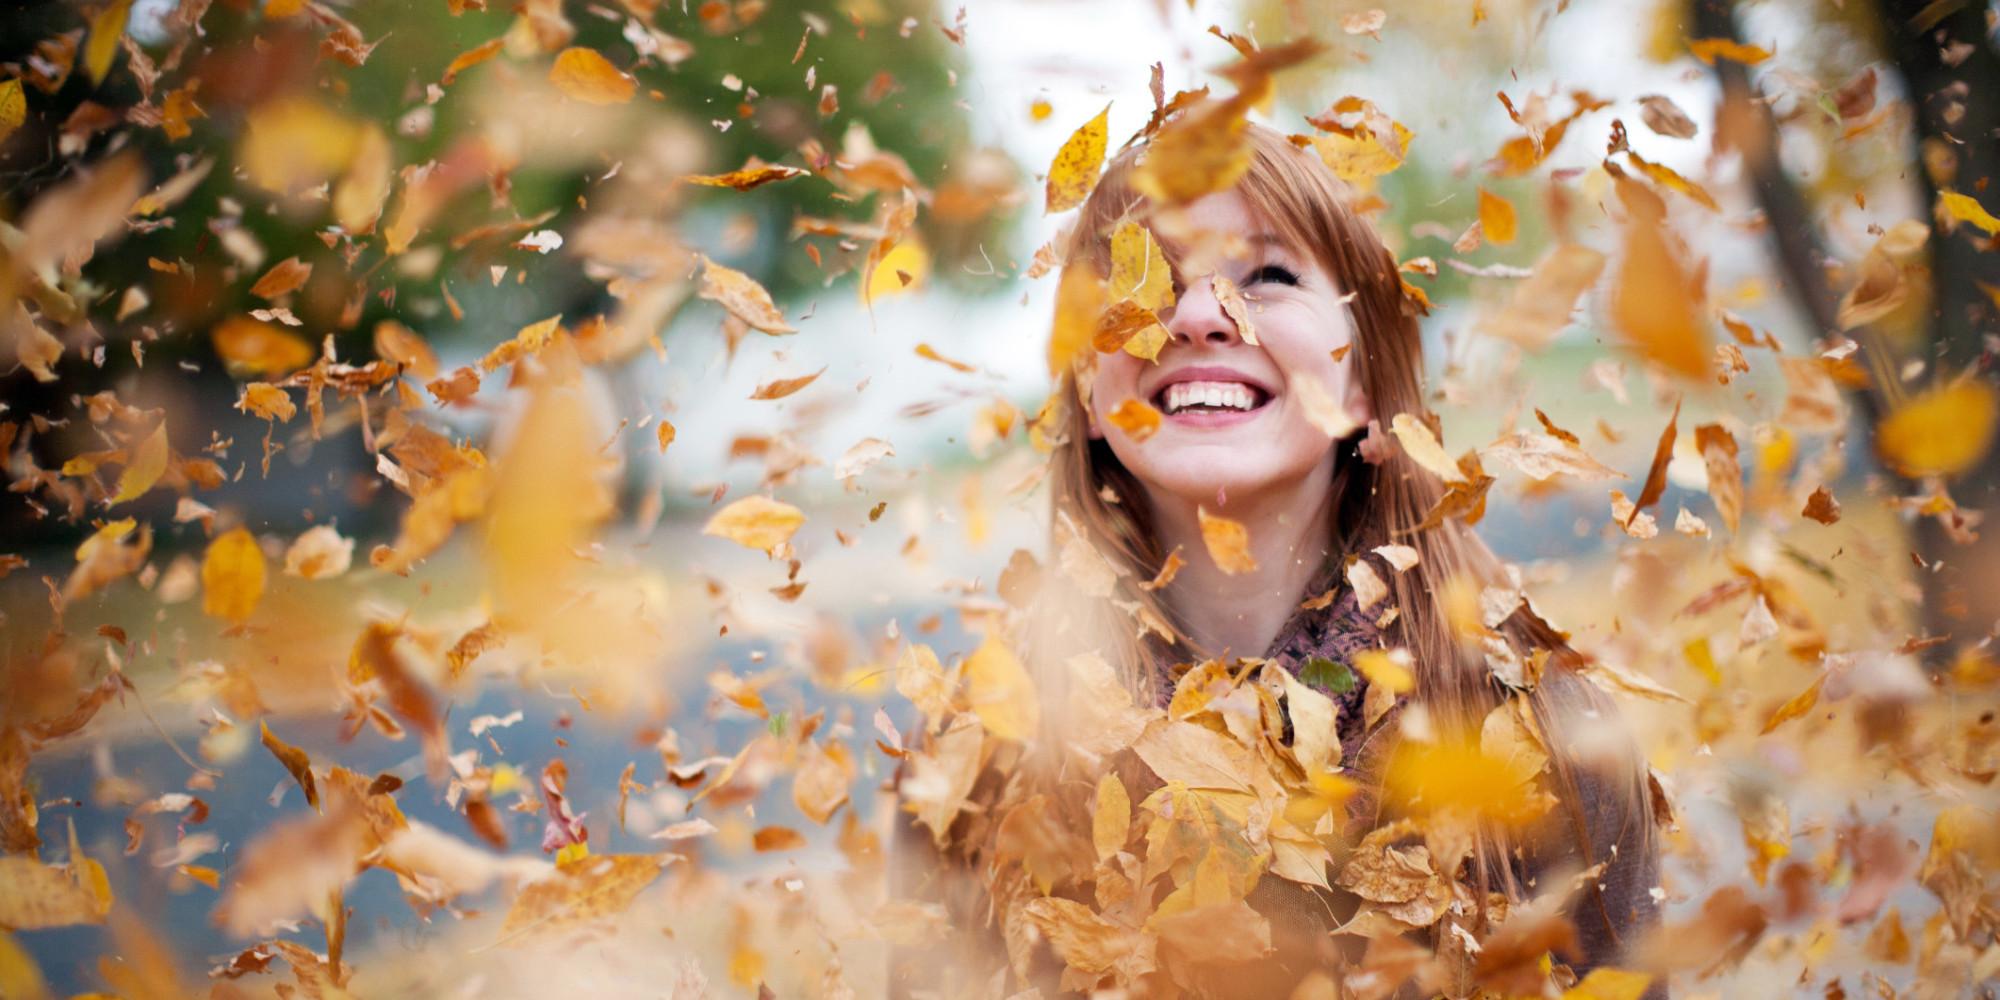 o-fall-leaves-facebook